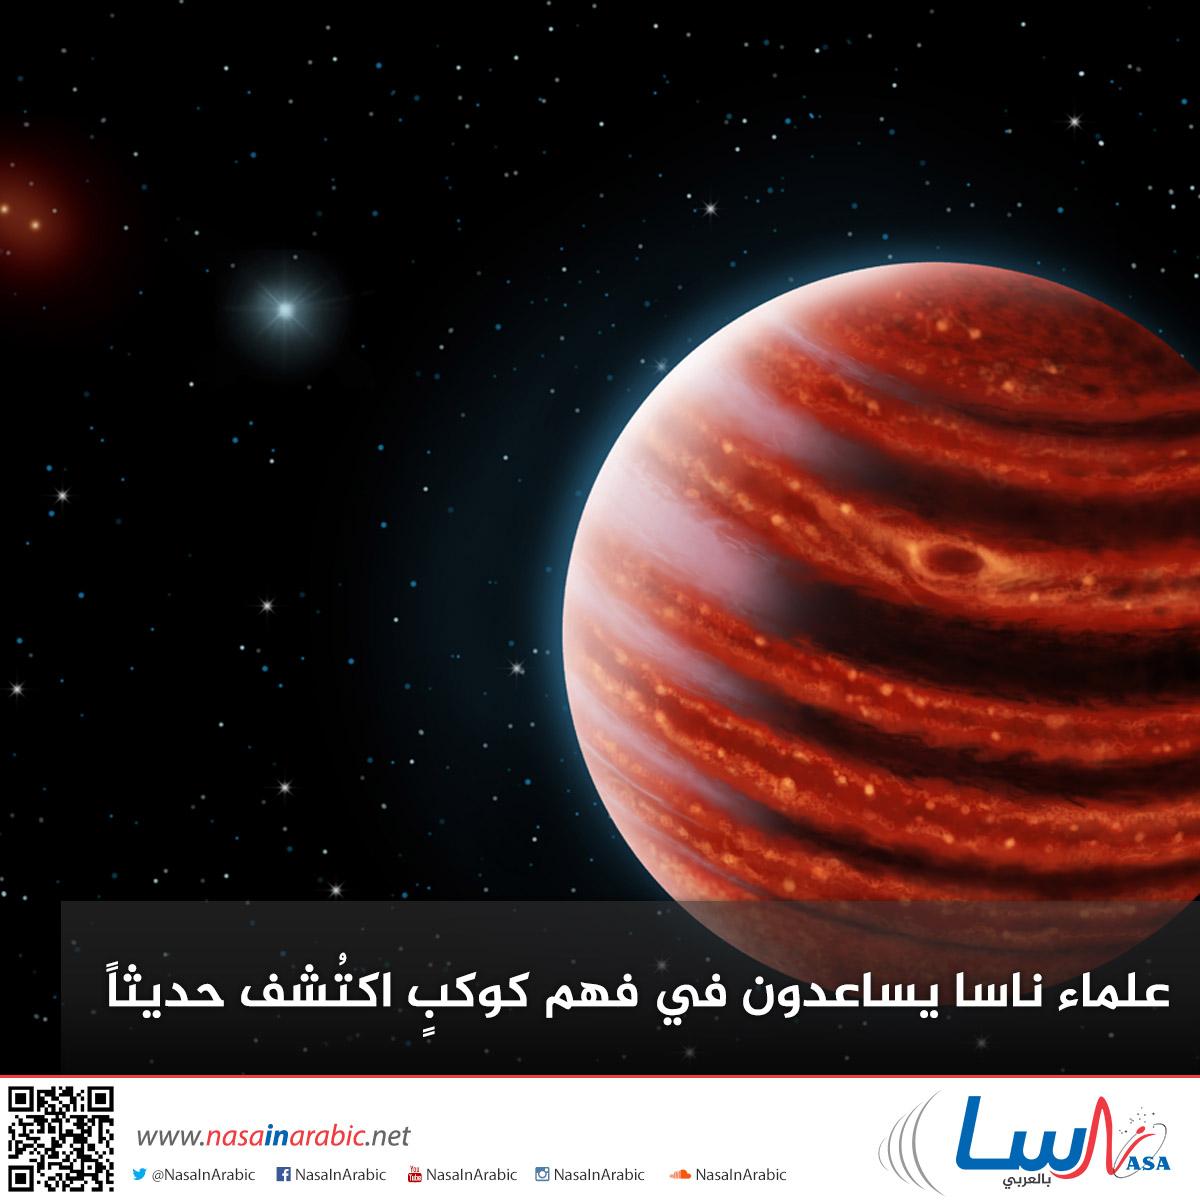 علماء ناسا يساعدون في فهم كوكبٍ اكتُشف حديثاً